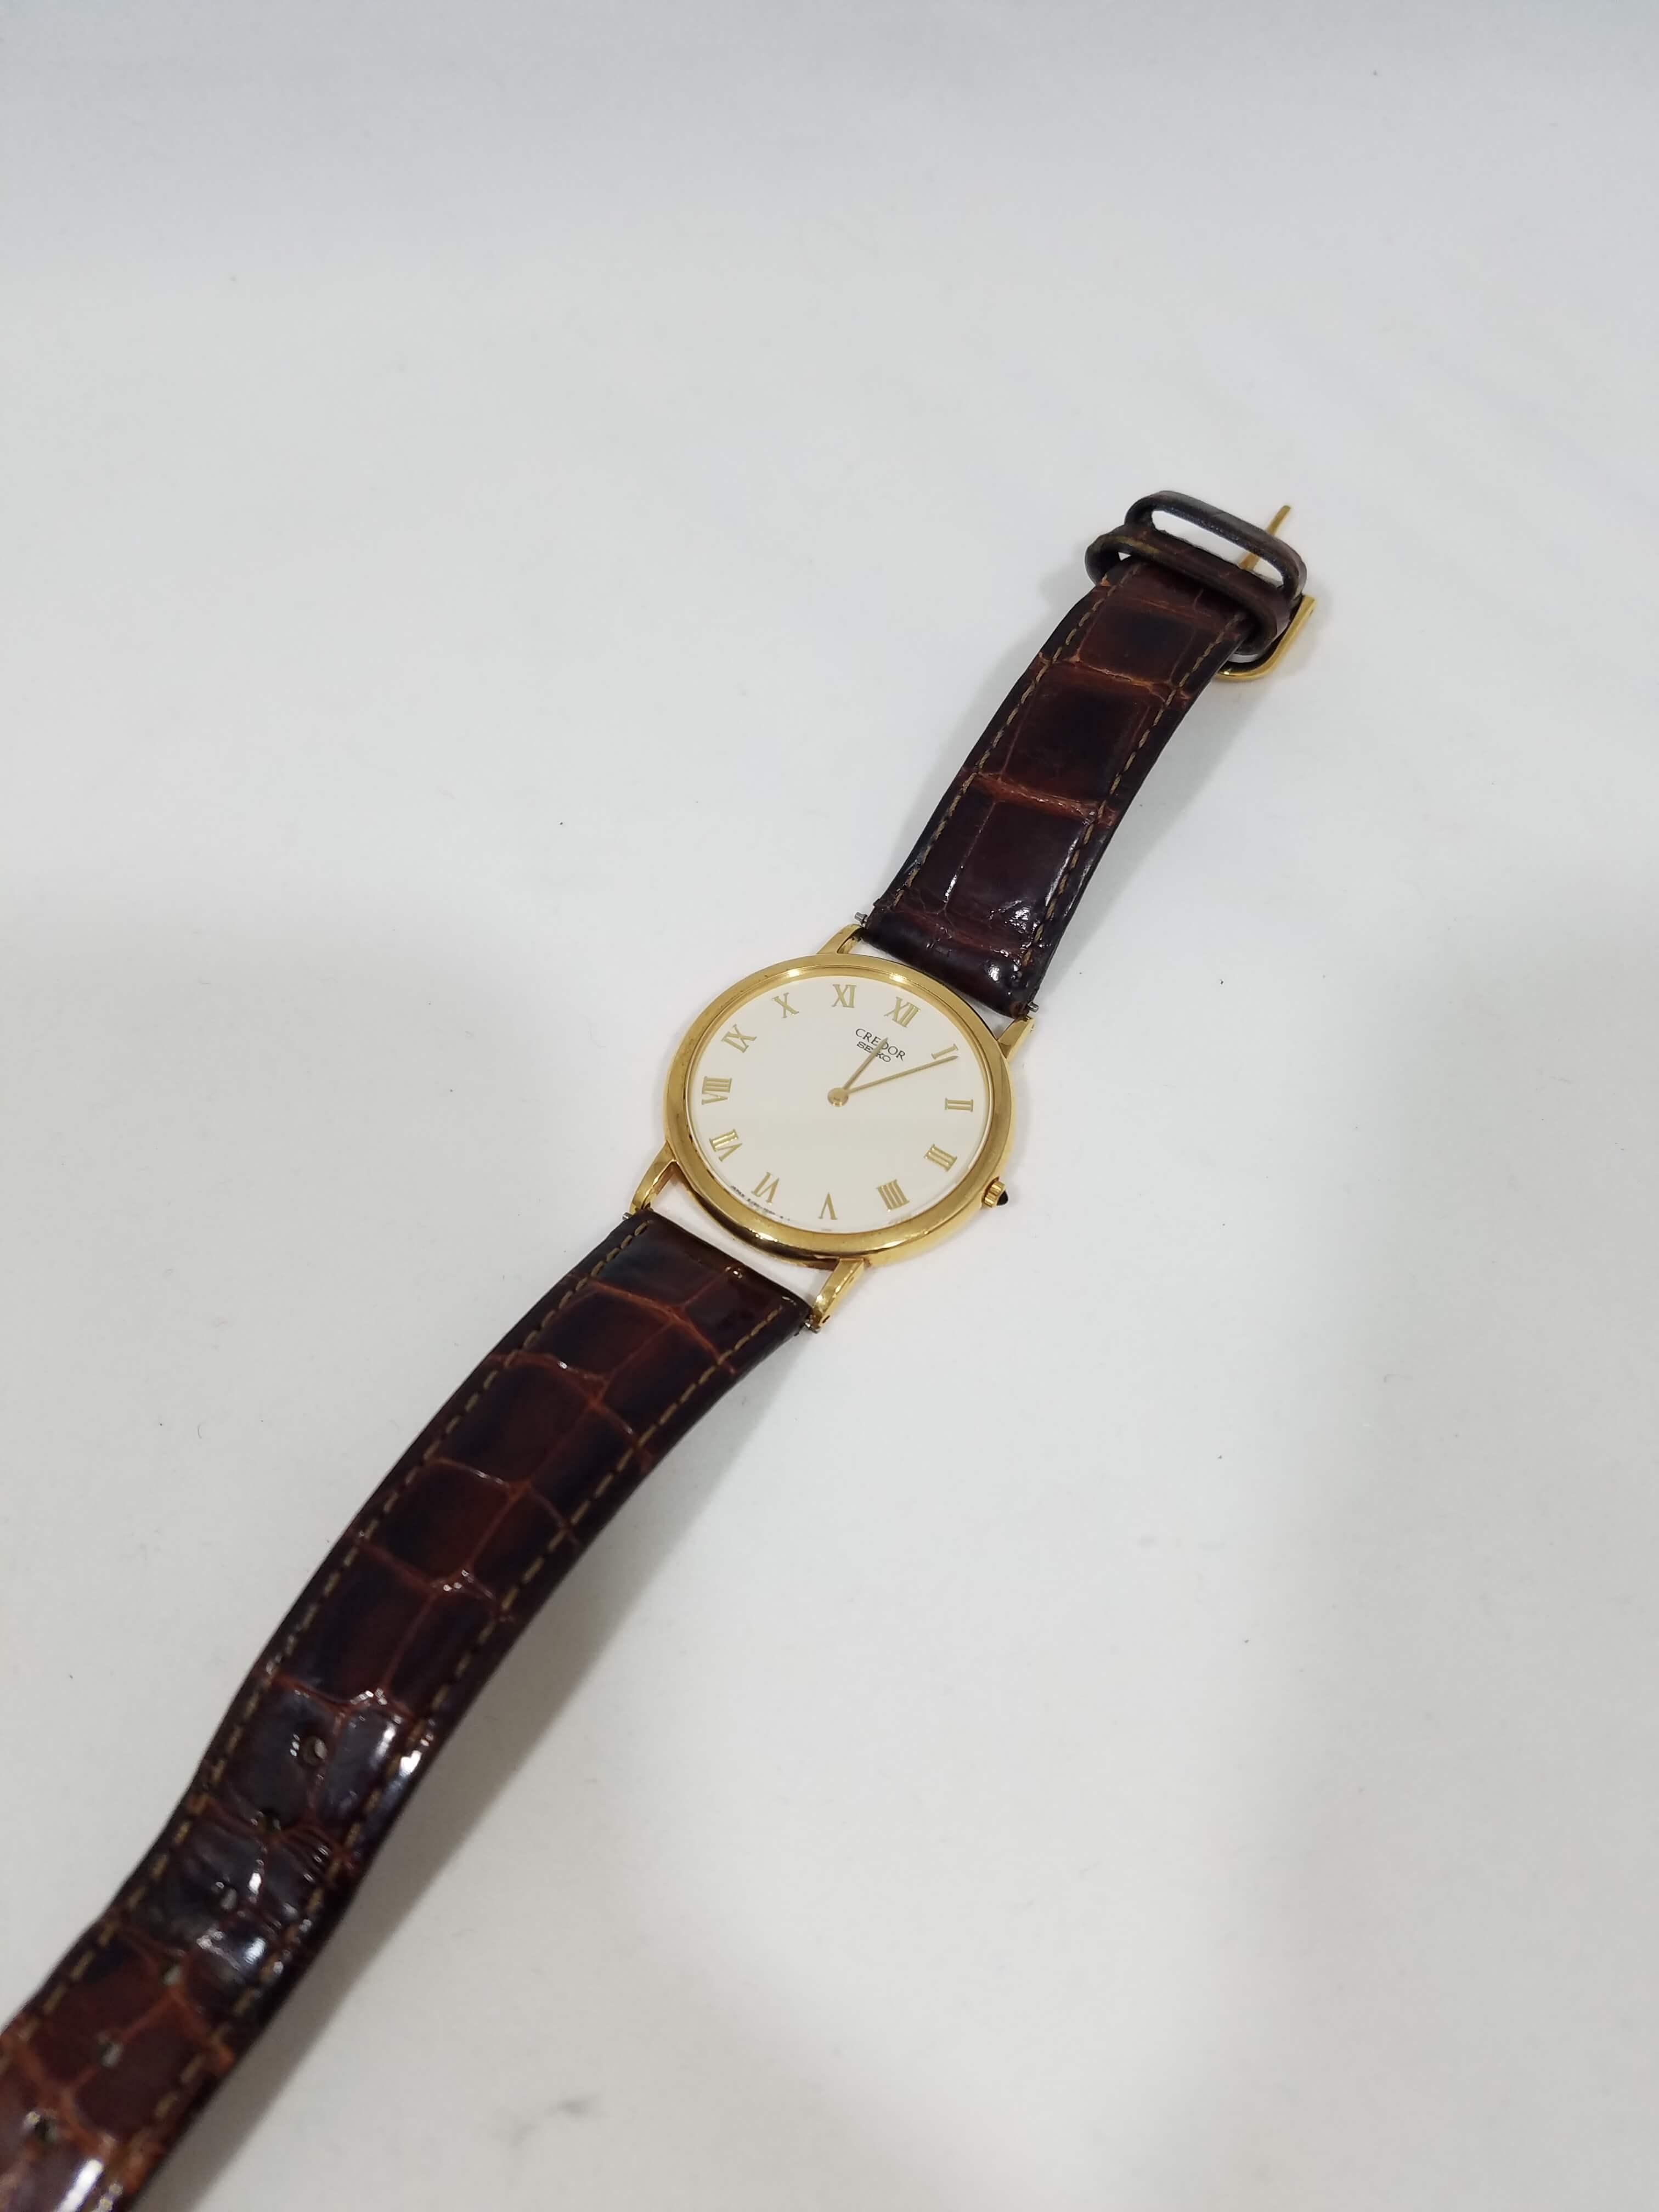 SEIKO(セイコー) クレドール 腕時計 K18YG